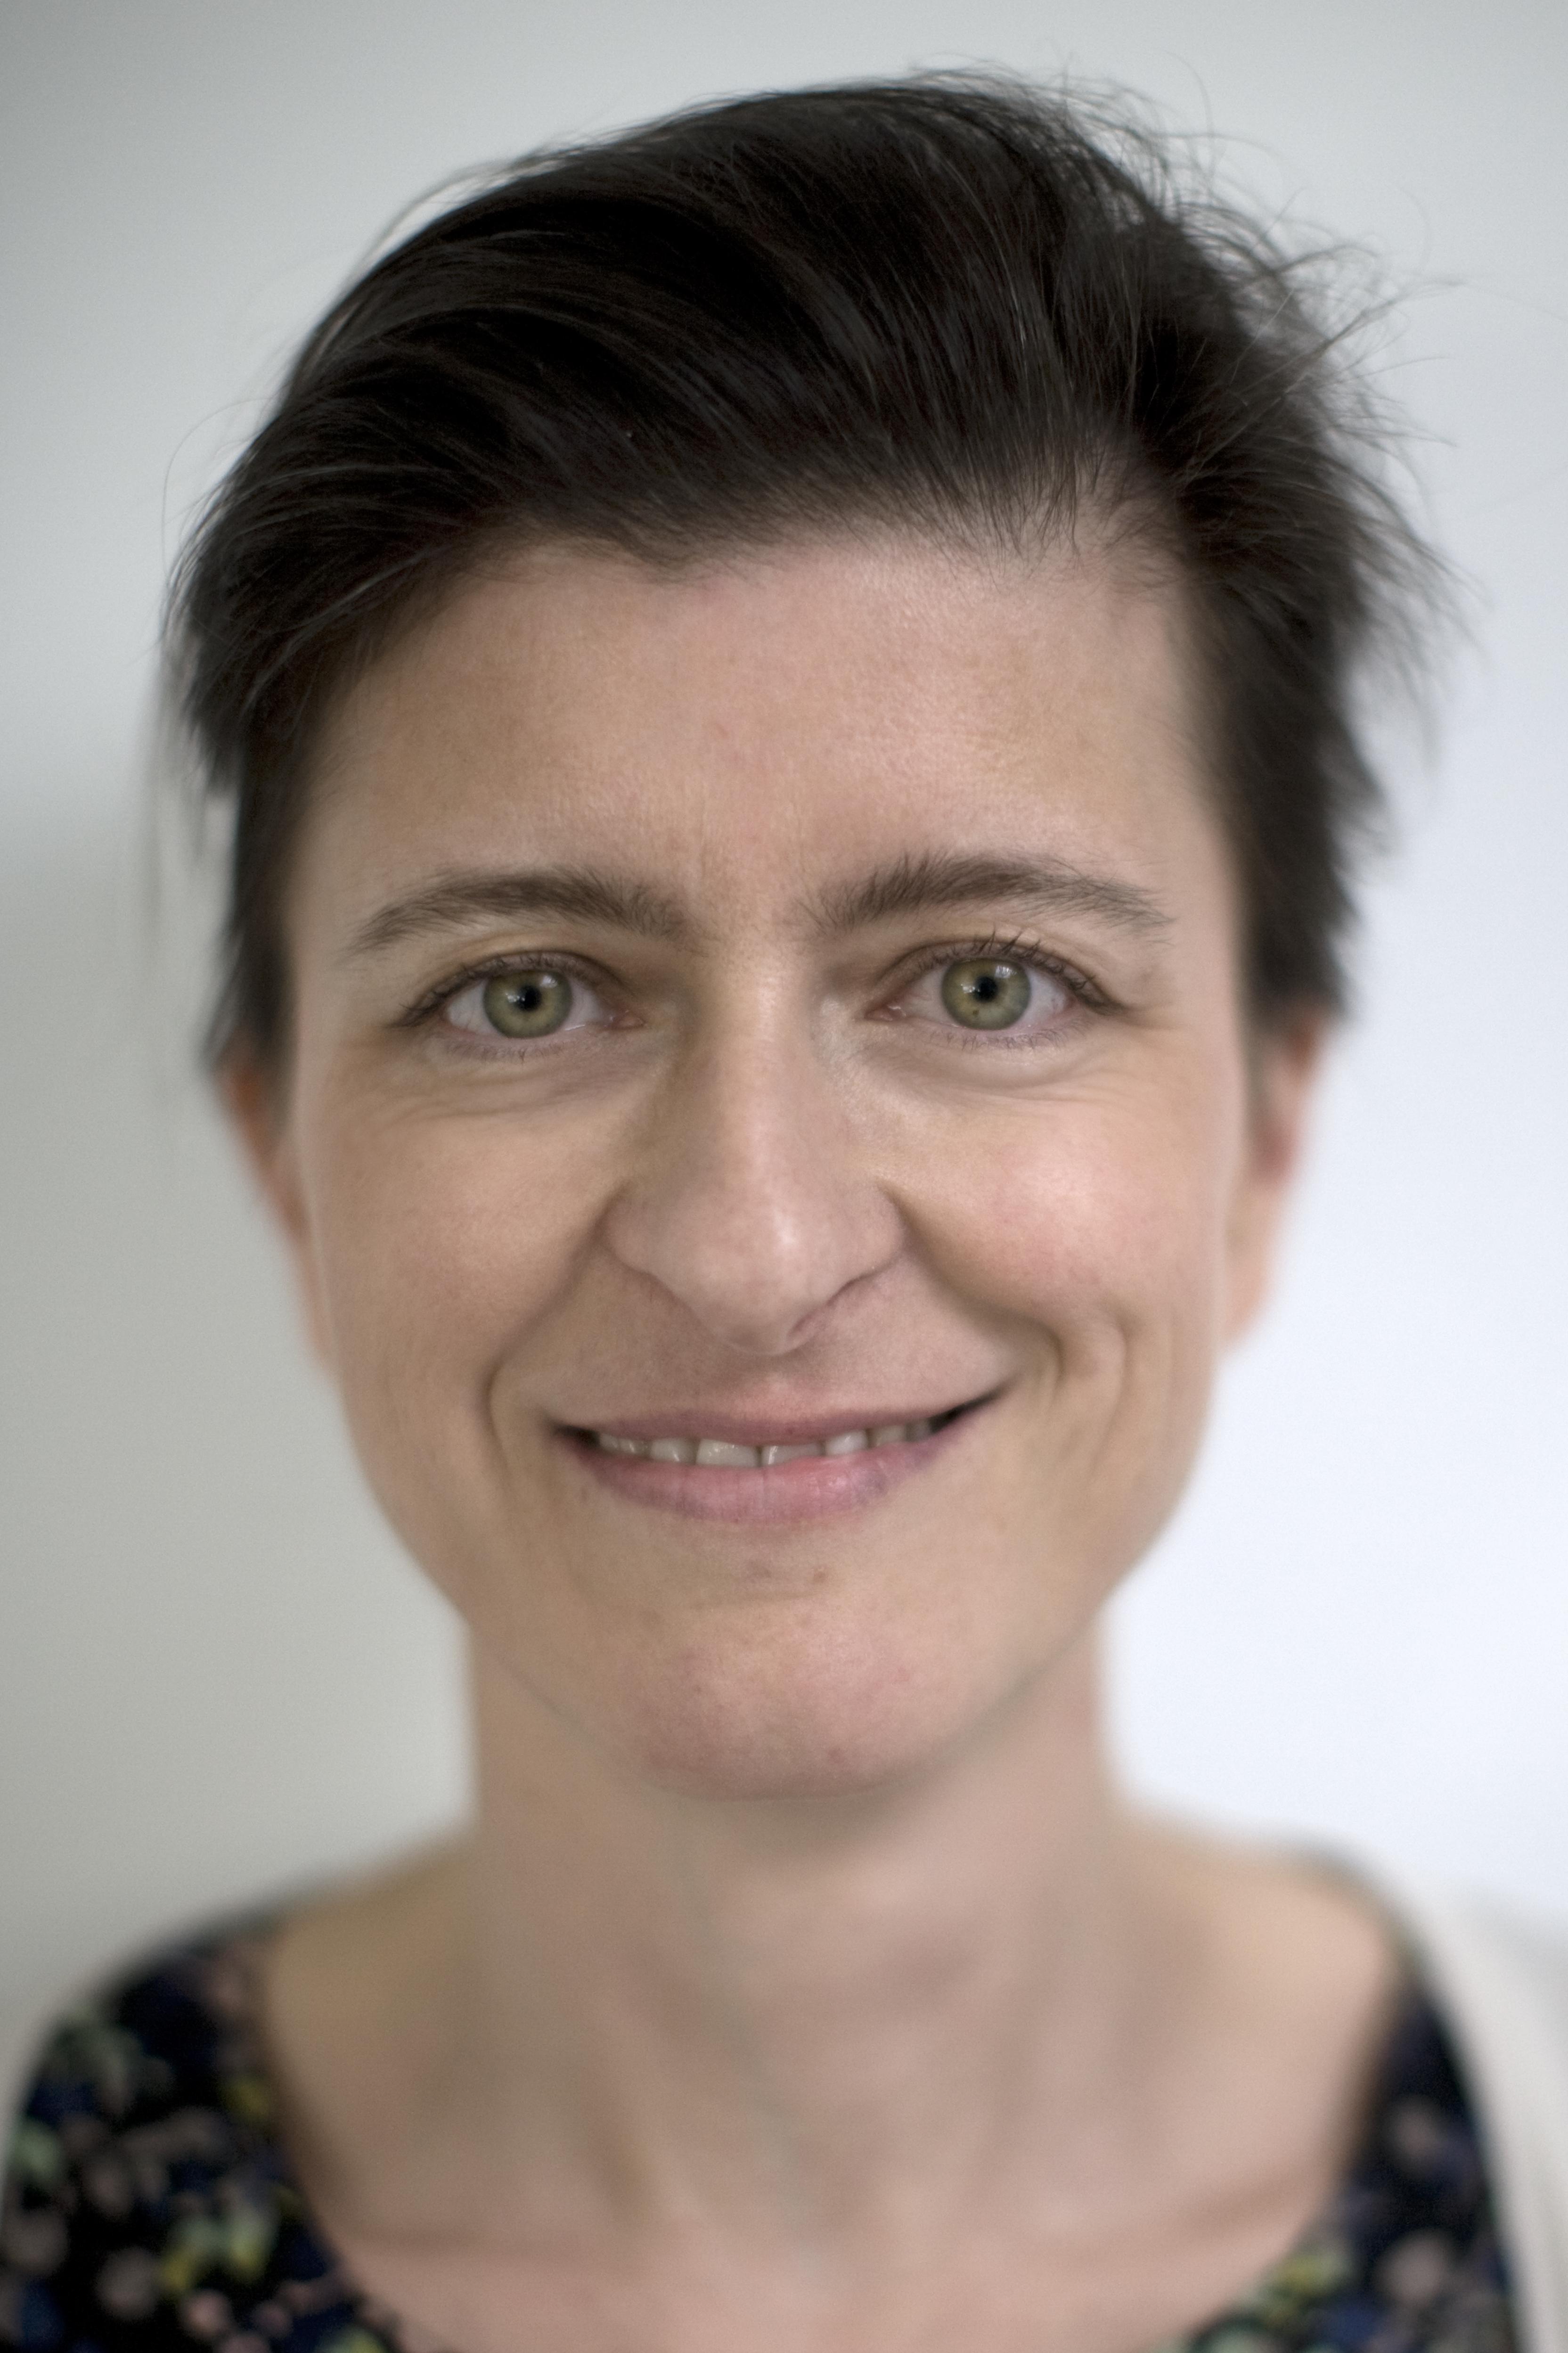 Oogarts Katrien Vandekerckhove